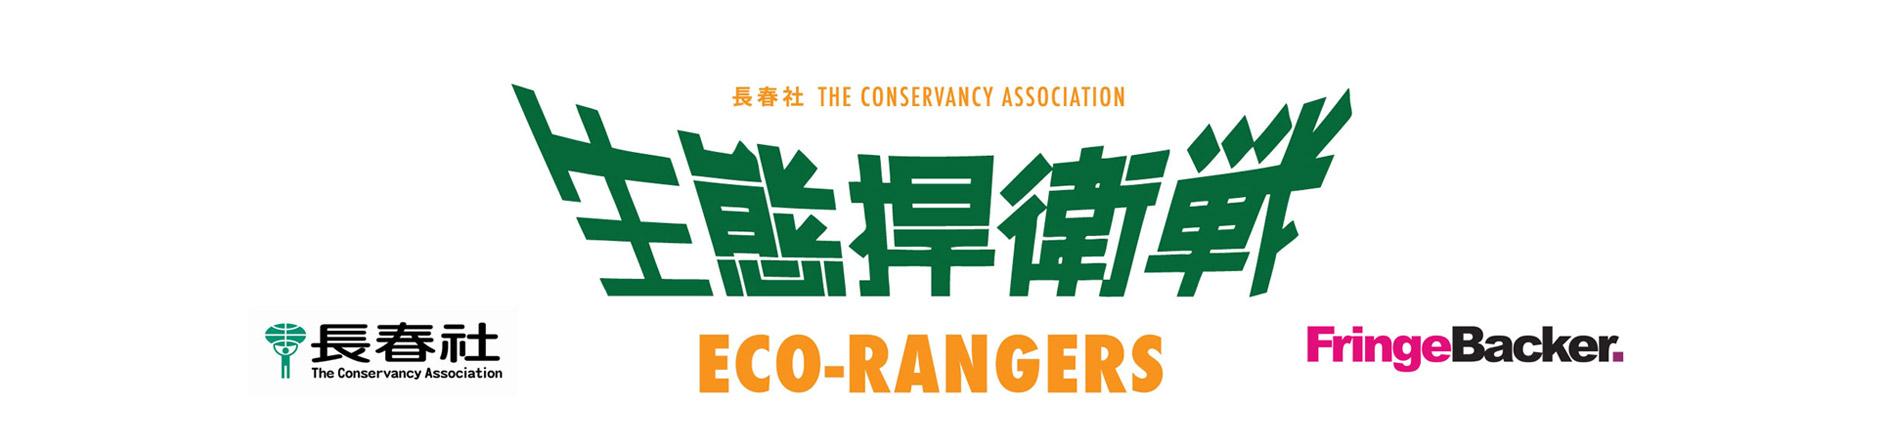 Eco-Rangers 2016